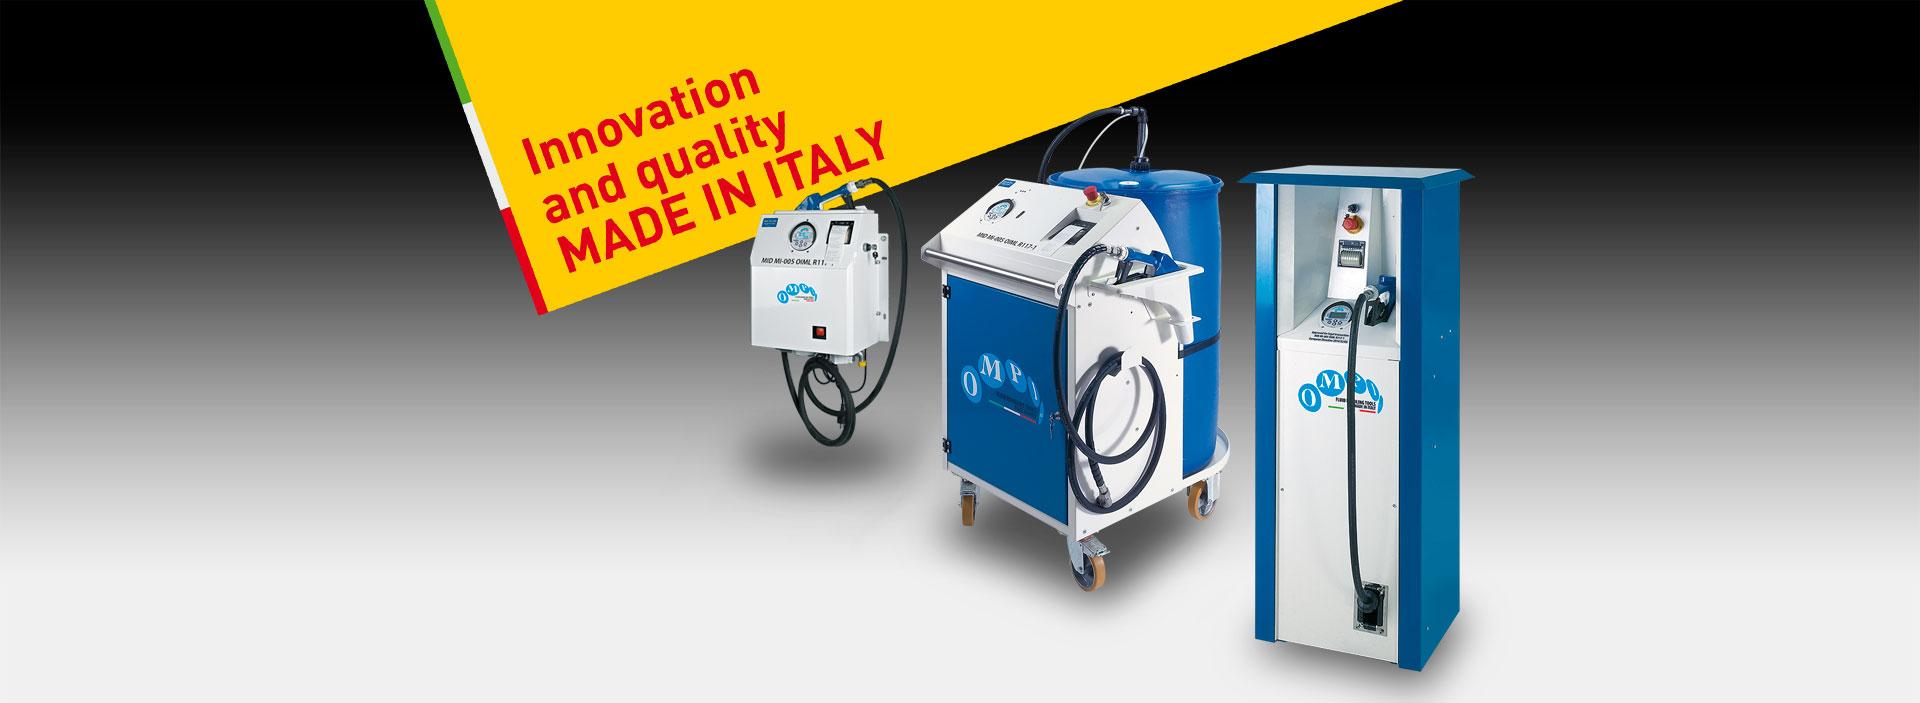 POWER BULL pompa pneumatica per Grasso ad alte prestazioni